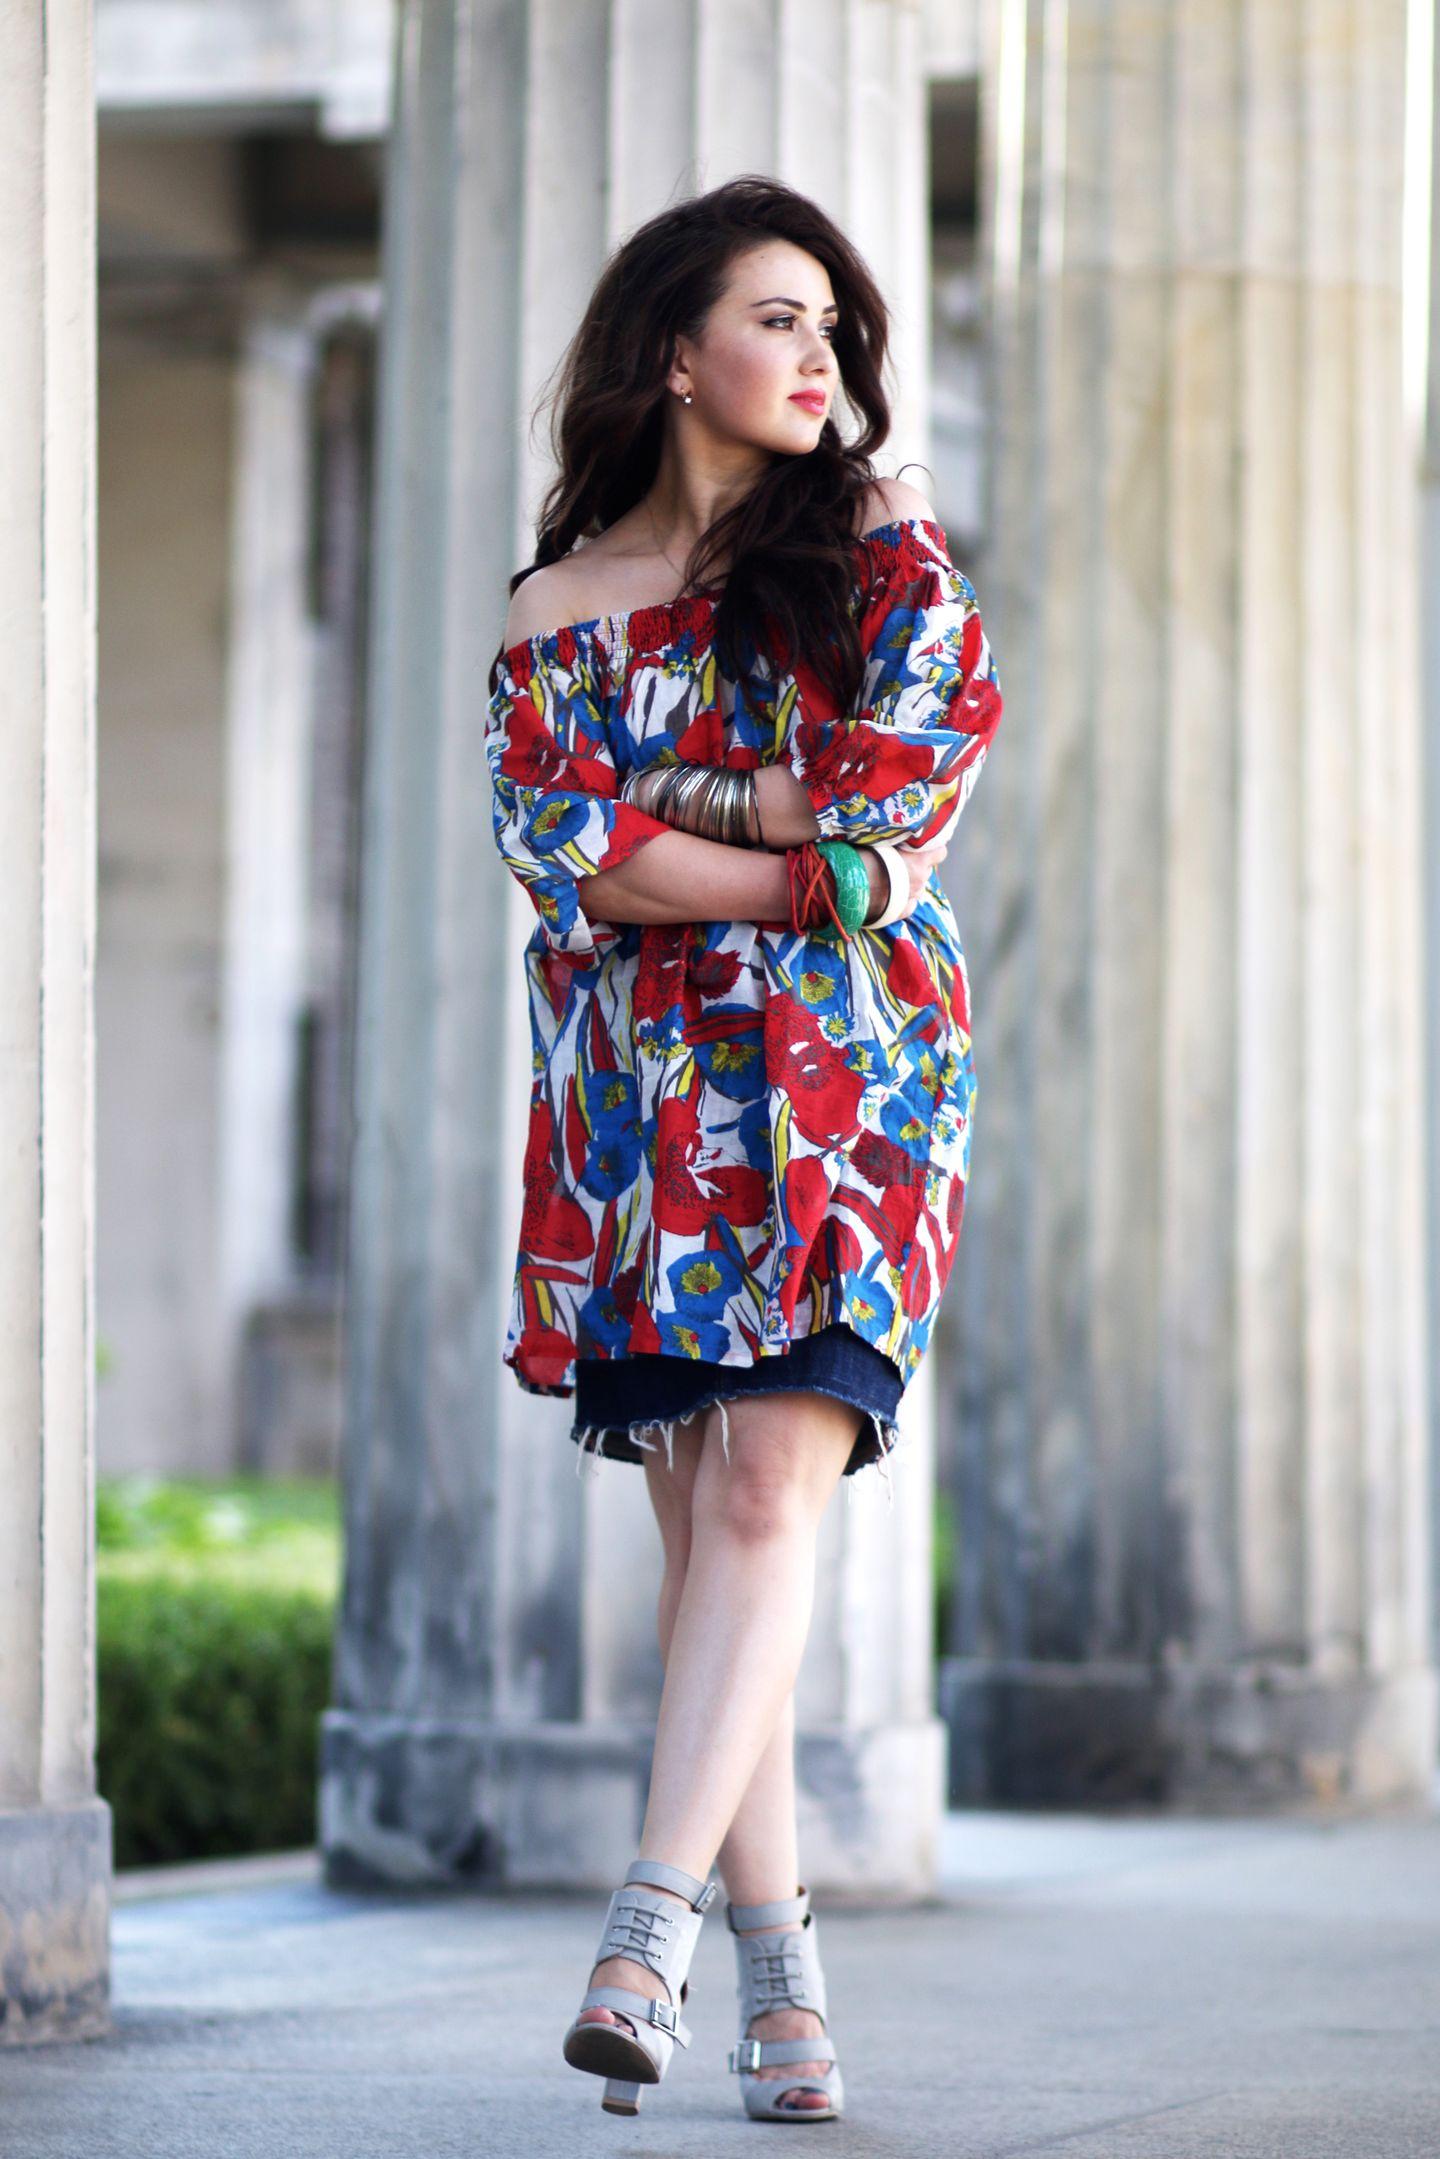 Leni von For The Story vereint gleich mehrere Trends in einem Outfit: cooler Denim-Skirt, Off-Shoulder Dress und große Blumenprints. Wir finden: sieht super aus und schreit nach Sommer!